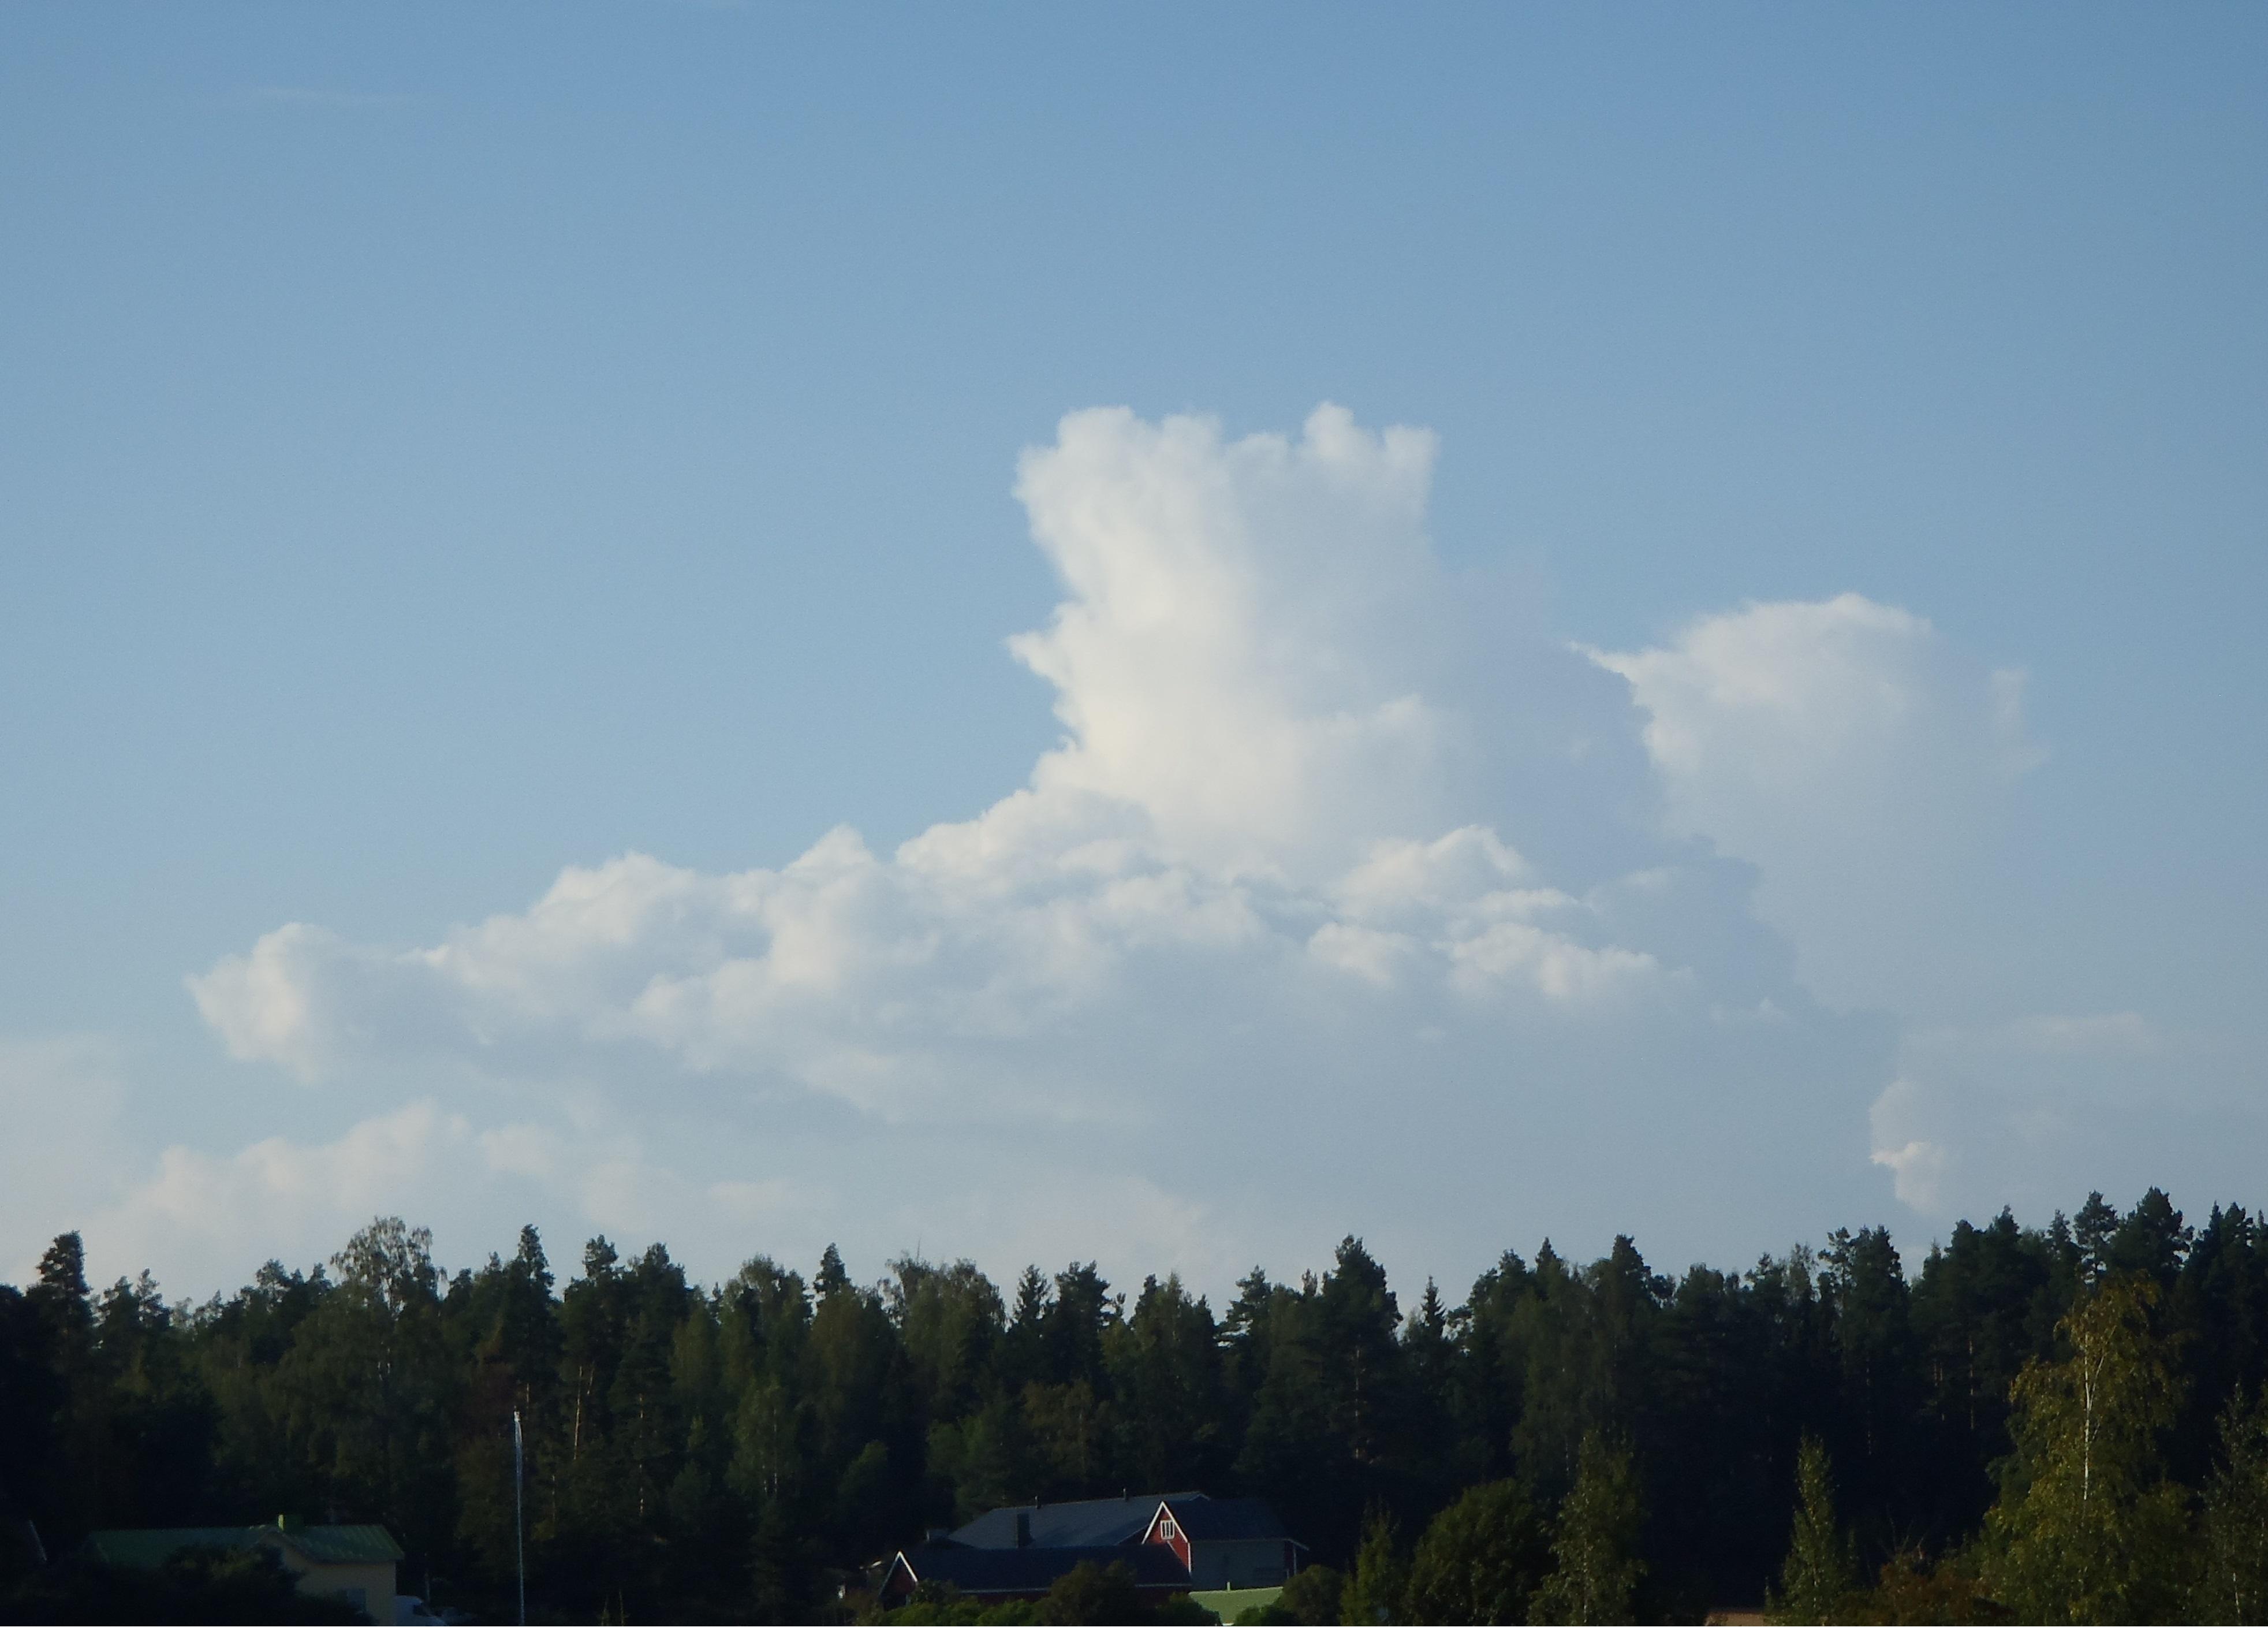 Ylemmässä kuvassa näkyy voimakkasti turvonnut kumpupilvi ja aika pian siitä onkin kehittymässä virkistävä iltapäivän sadekuuro. Alemmassa kuvassa näkyy kumpupilvestä muhinut kuuropilvi. Tämä pilvi on jo satanut ja ehkä ukkostanutkin.